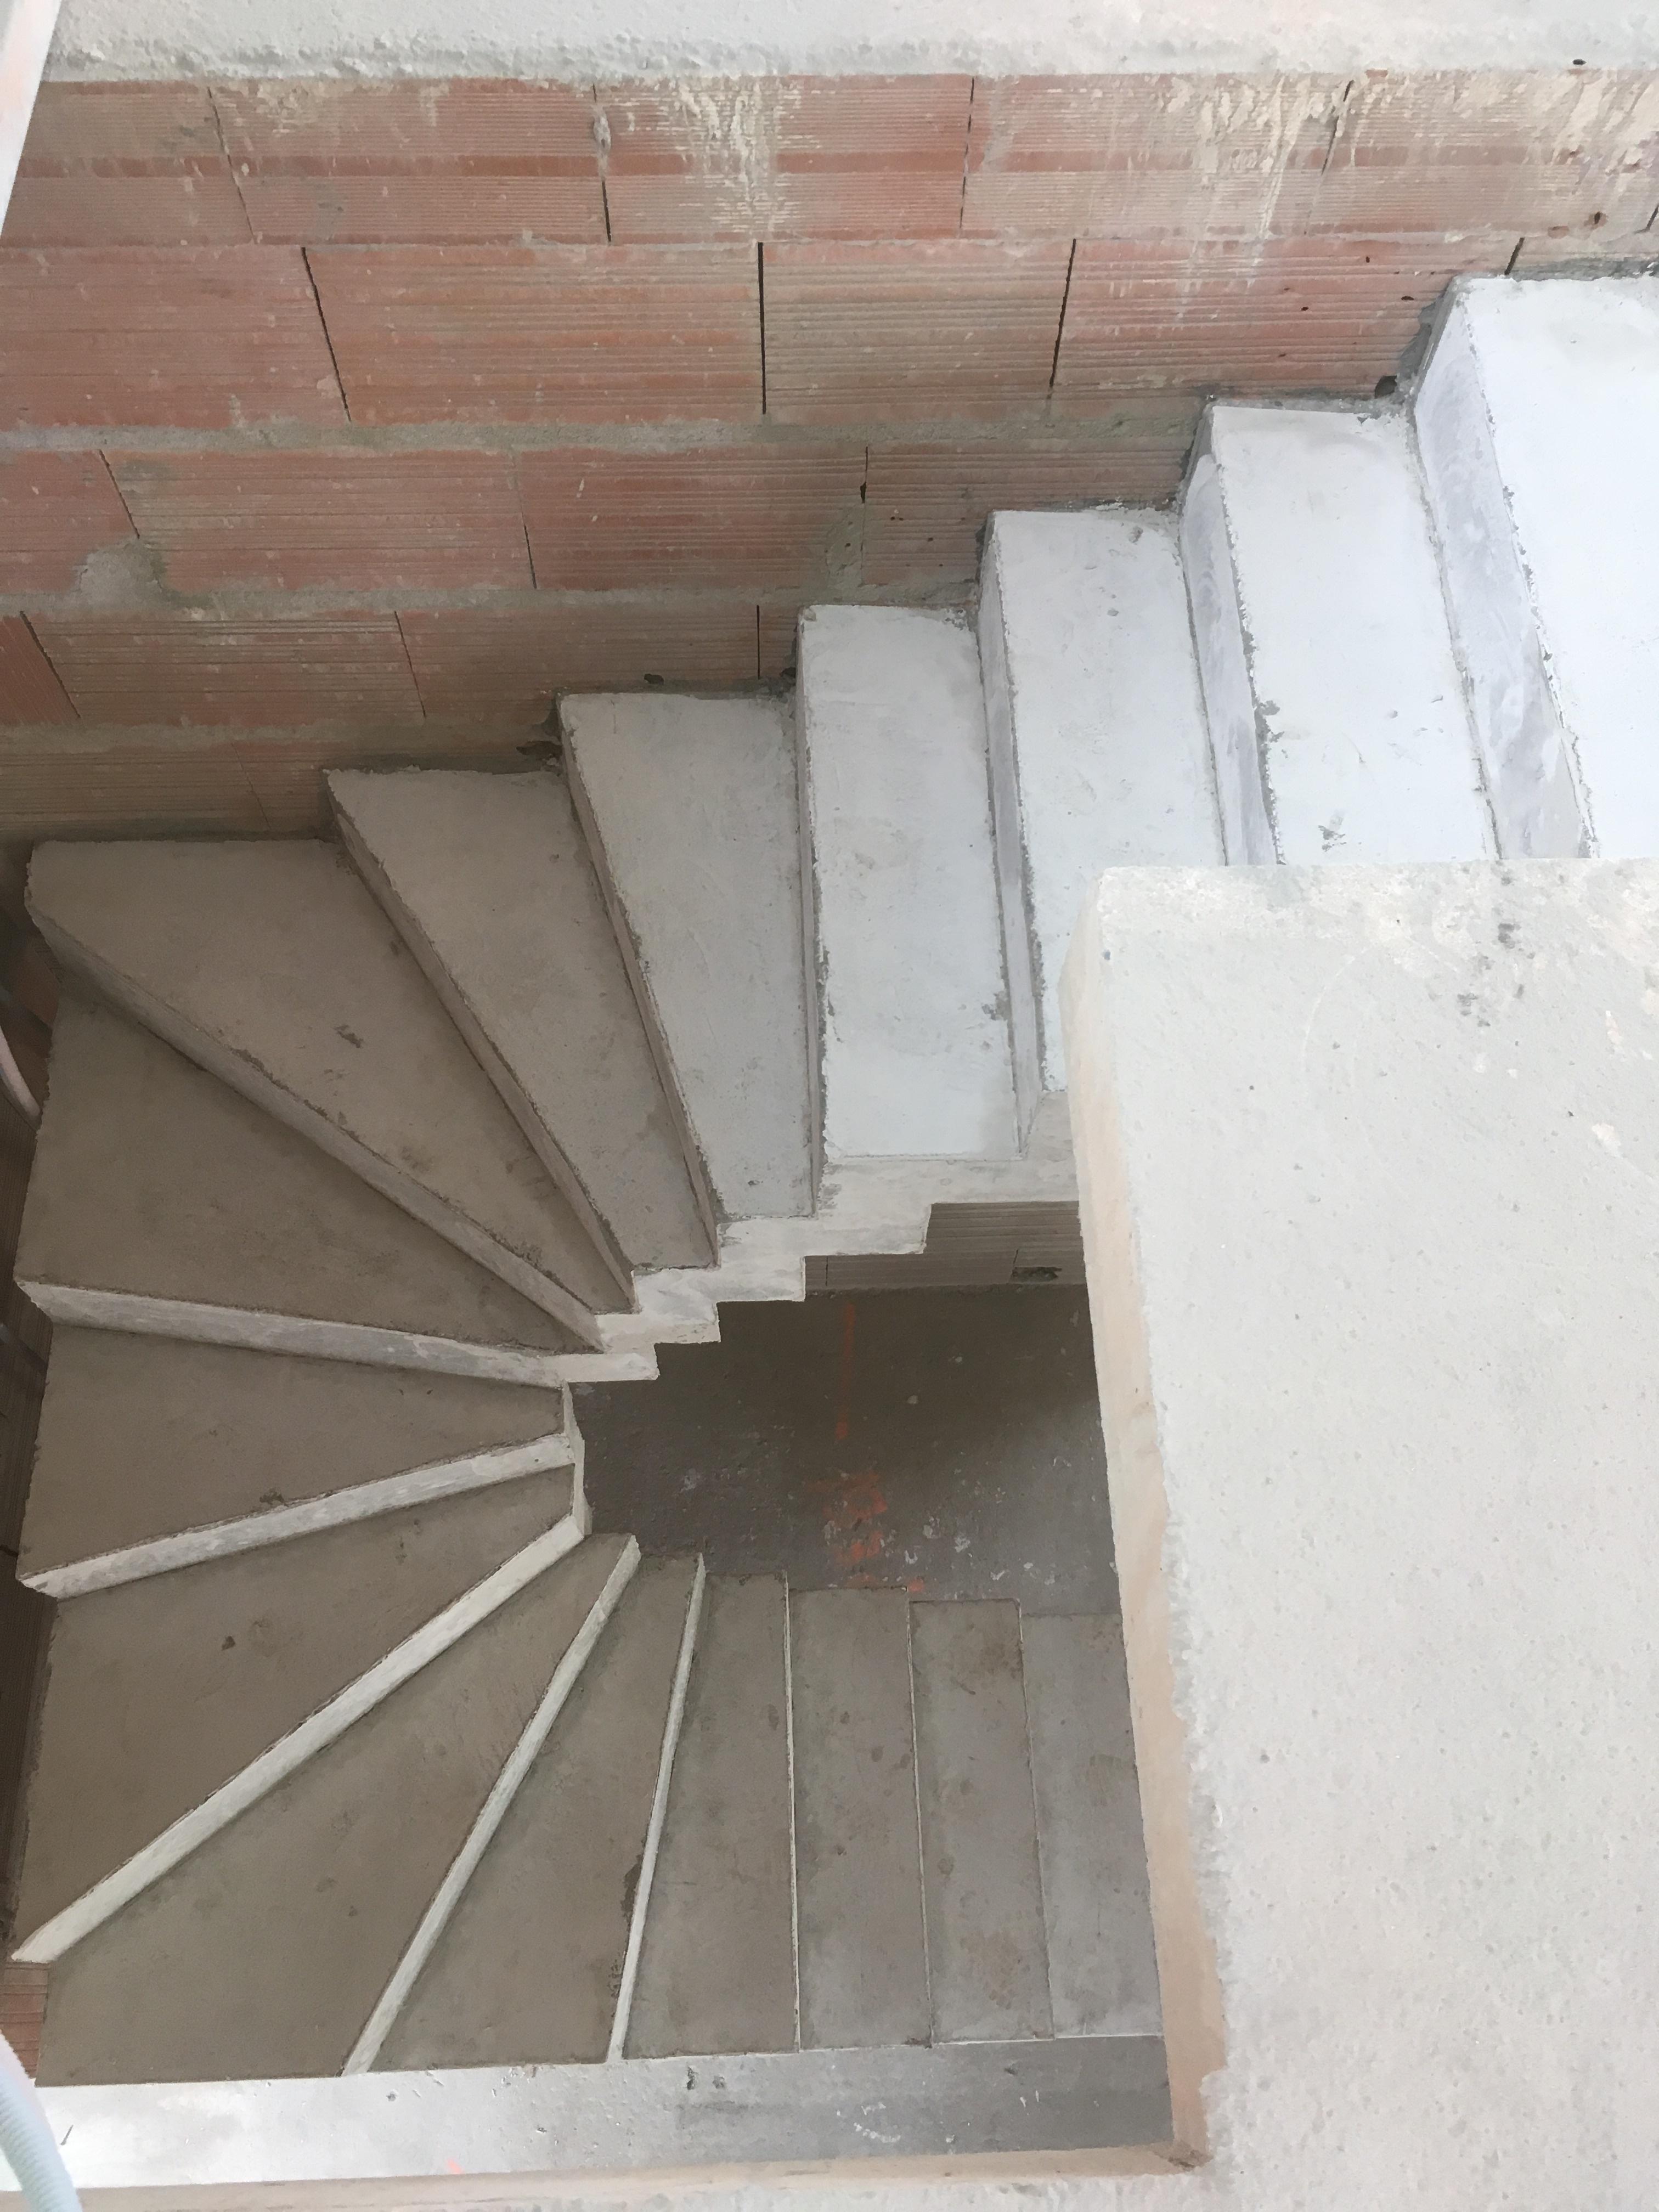 audacieux  escalier crémaillère deux quart tournant en béton brut de décoffrage  a gradignan en Aquitaine  pour un constructeur